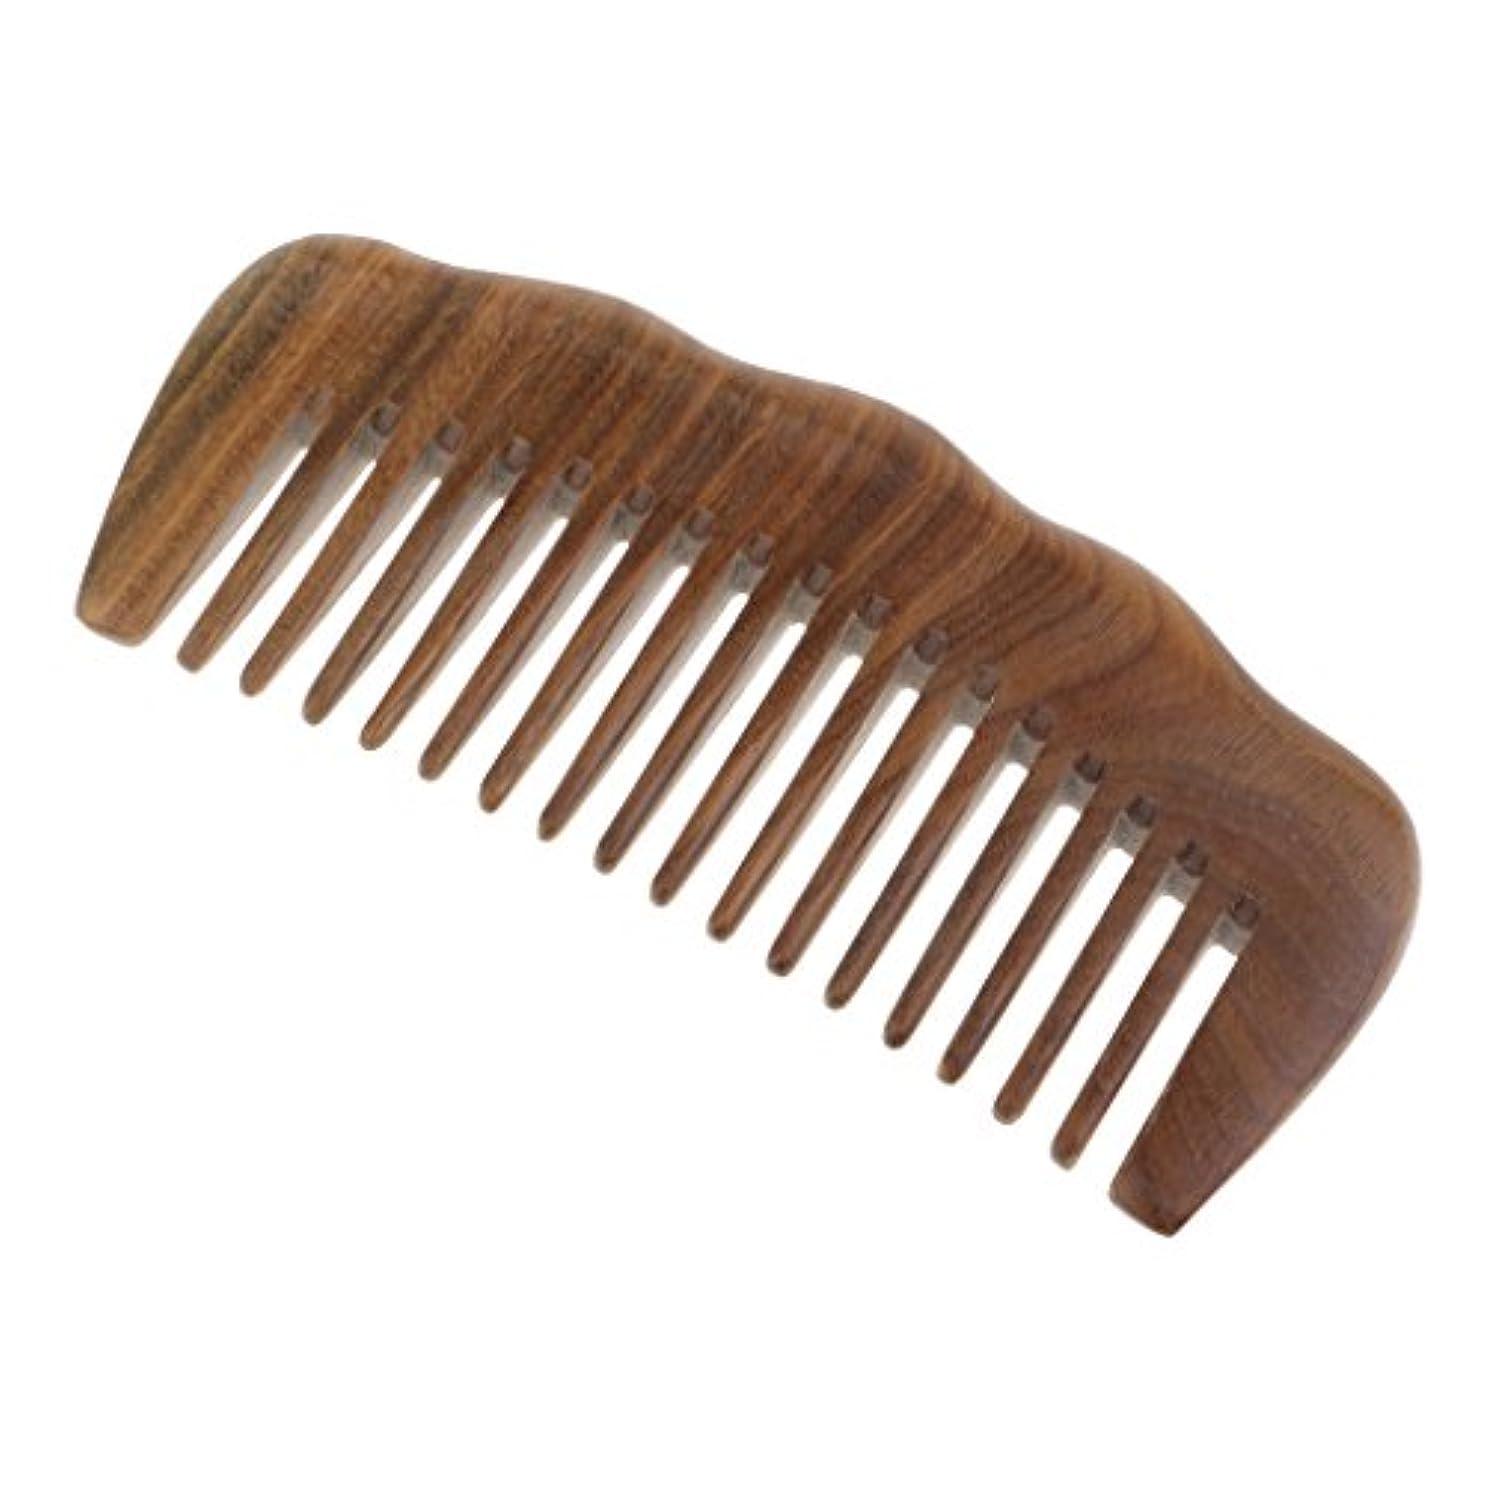 失業アサー立証するToygogo 緑のサンダルウッドの毛の櫛-巻き毛のための広い歯の木製のもつれの櫛-静的な自然な香りの木材の櫛